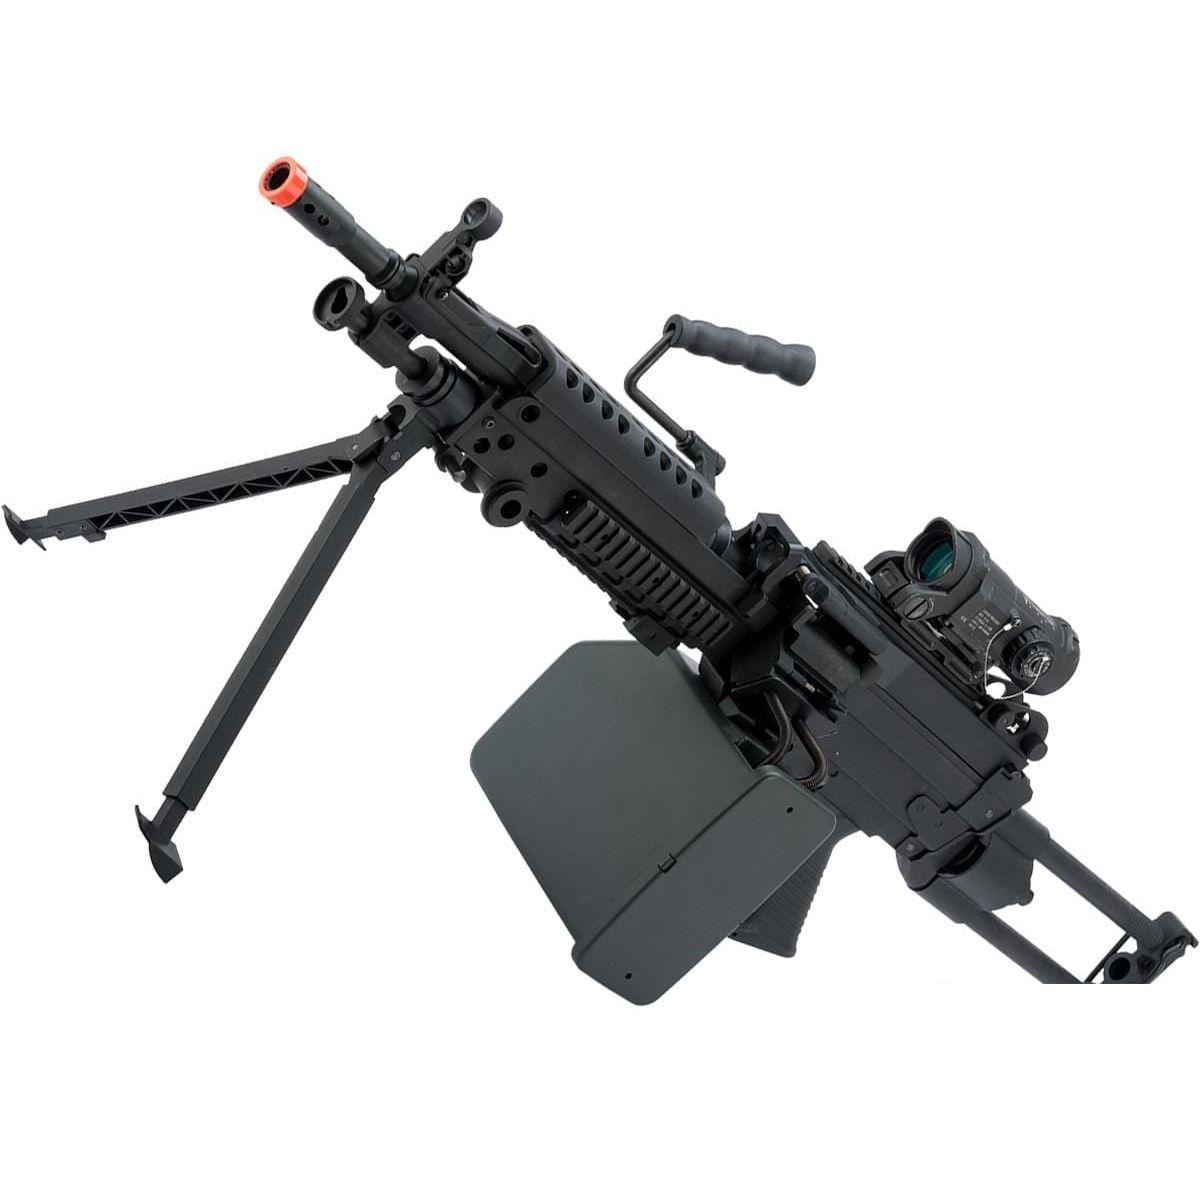 cybergun fn herstal airsoft machine gun